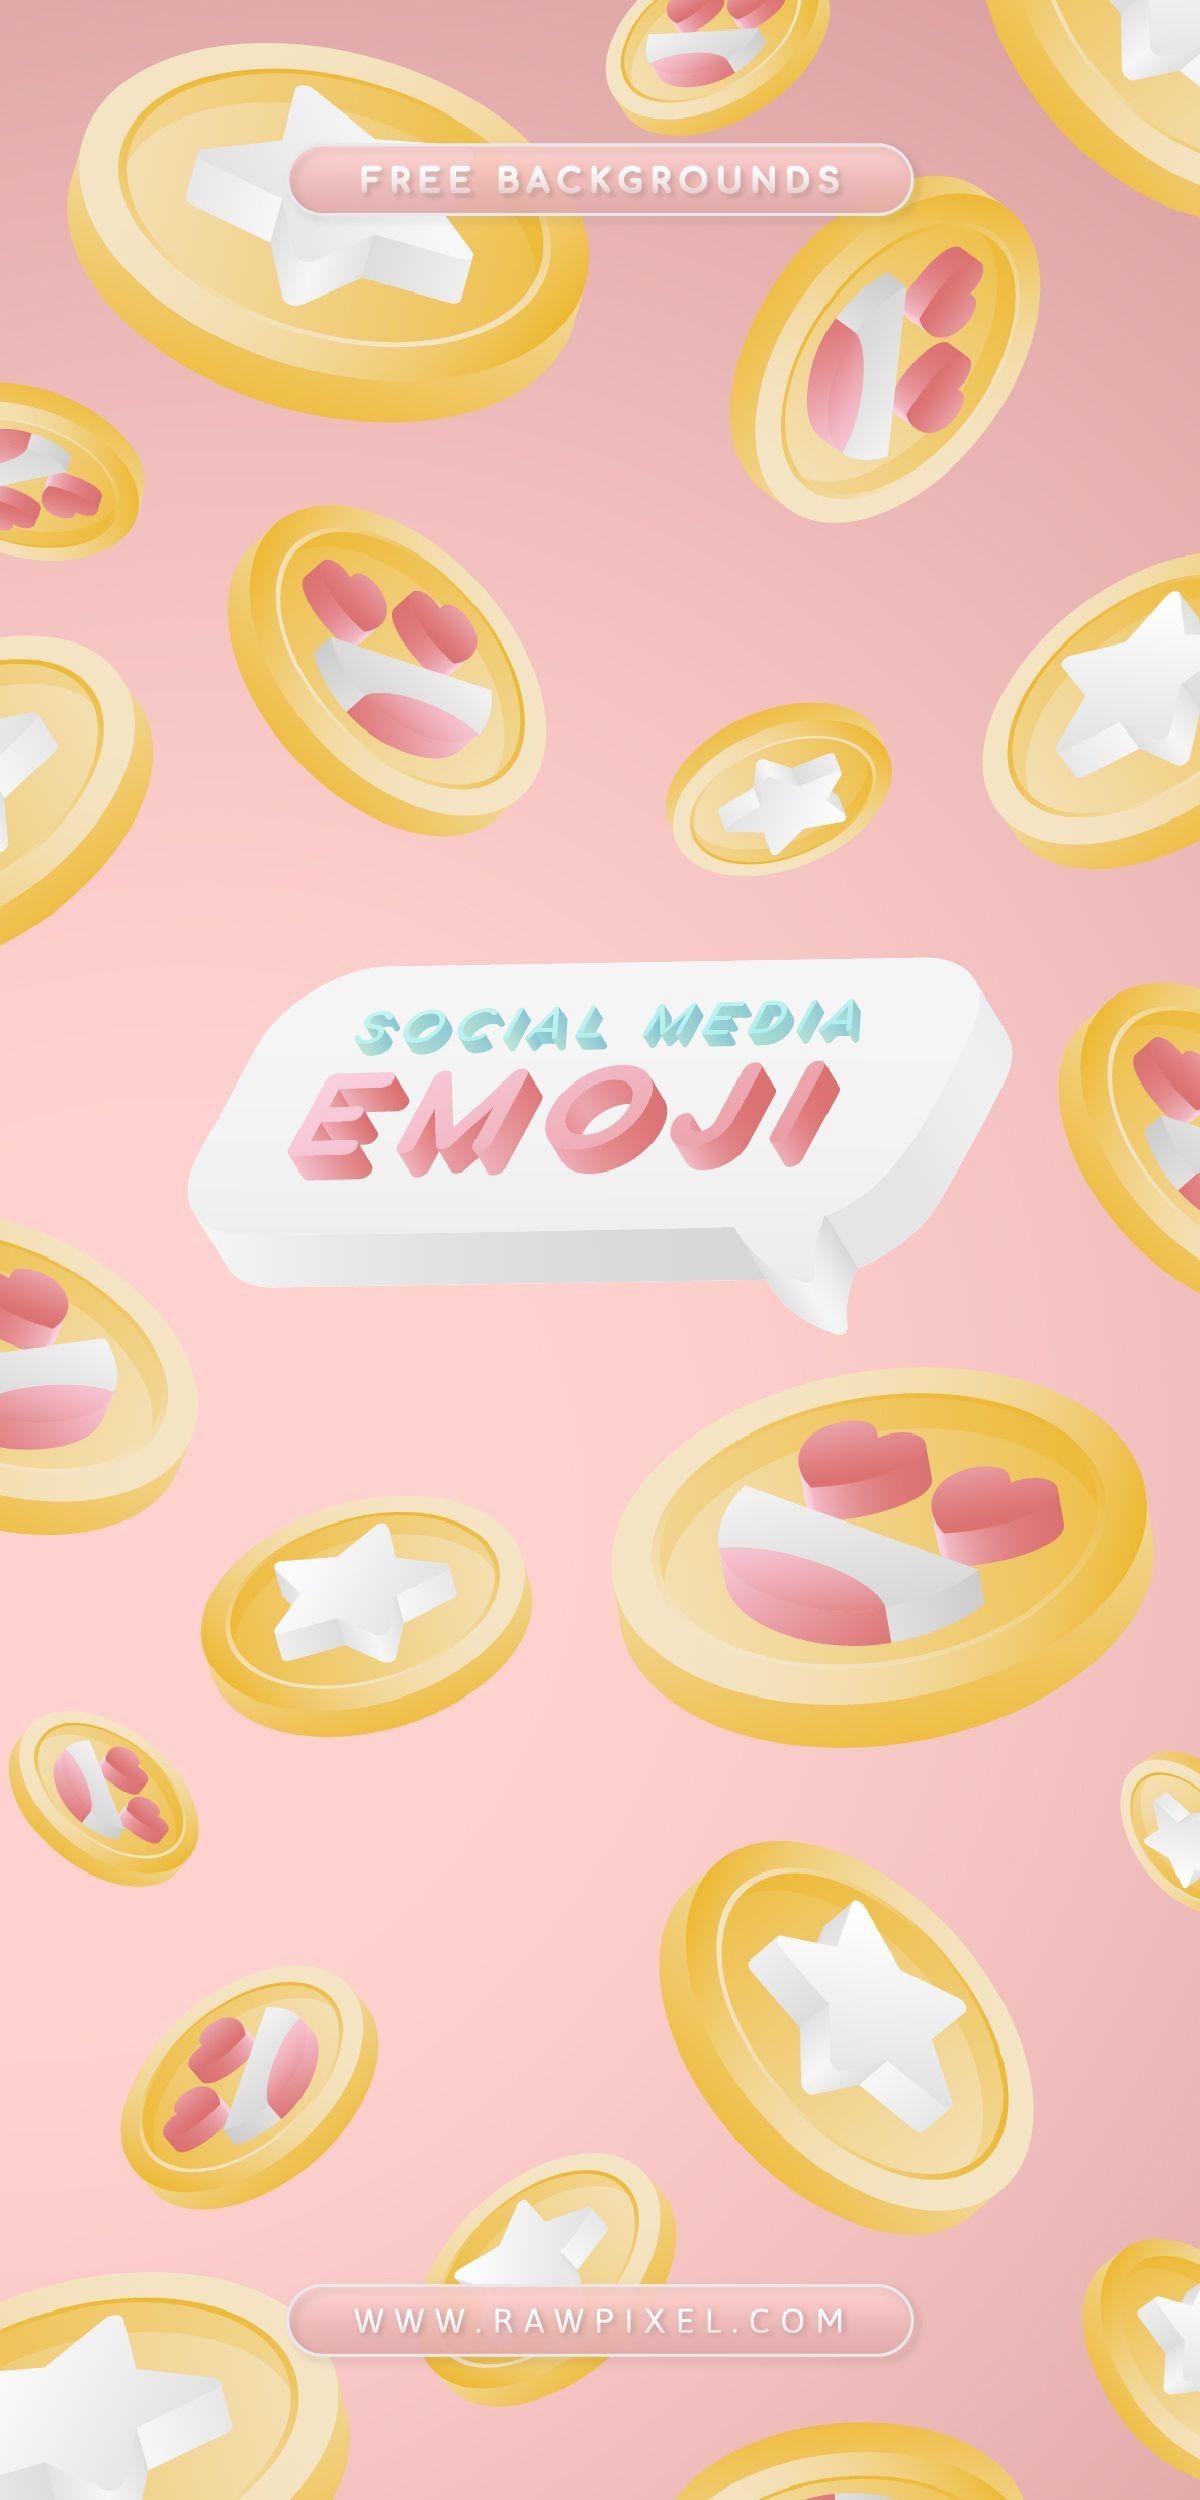 Download HD royaltyfree social media emoji vector set, as